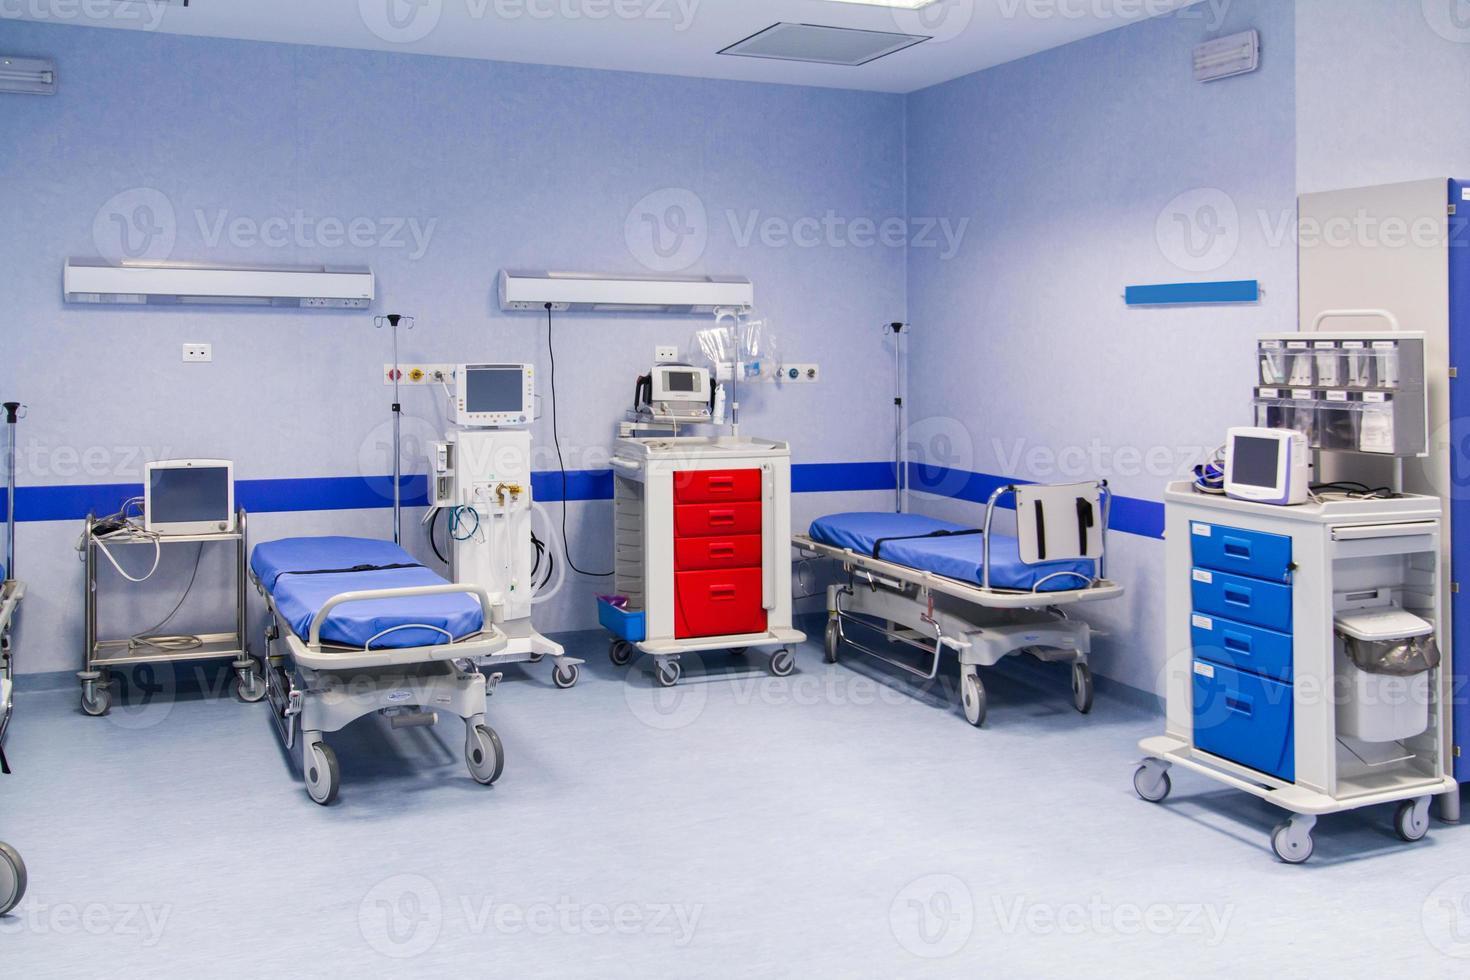 letti d'ospedale coperti di blu foto